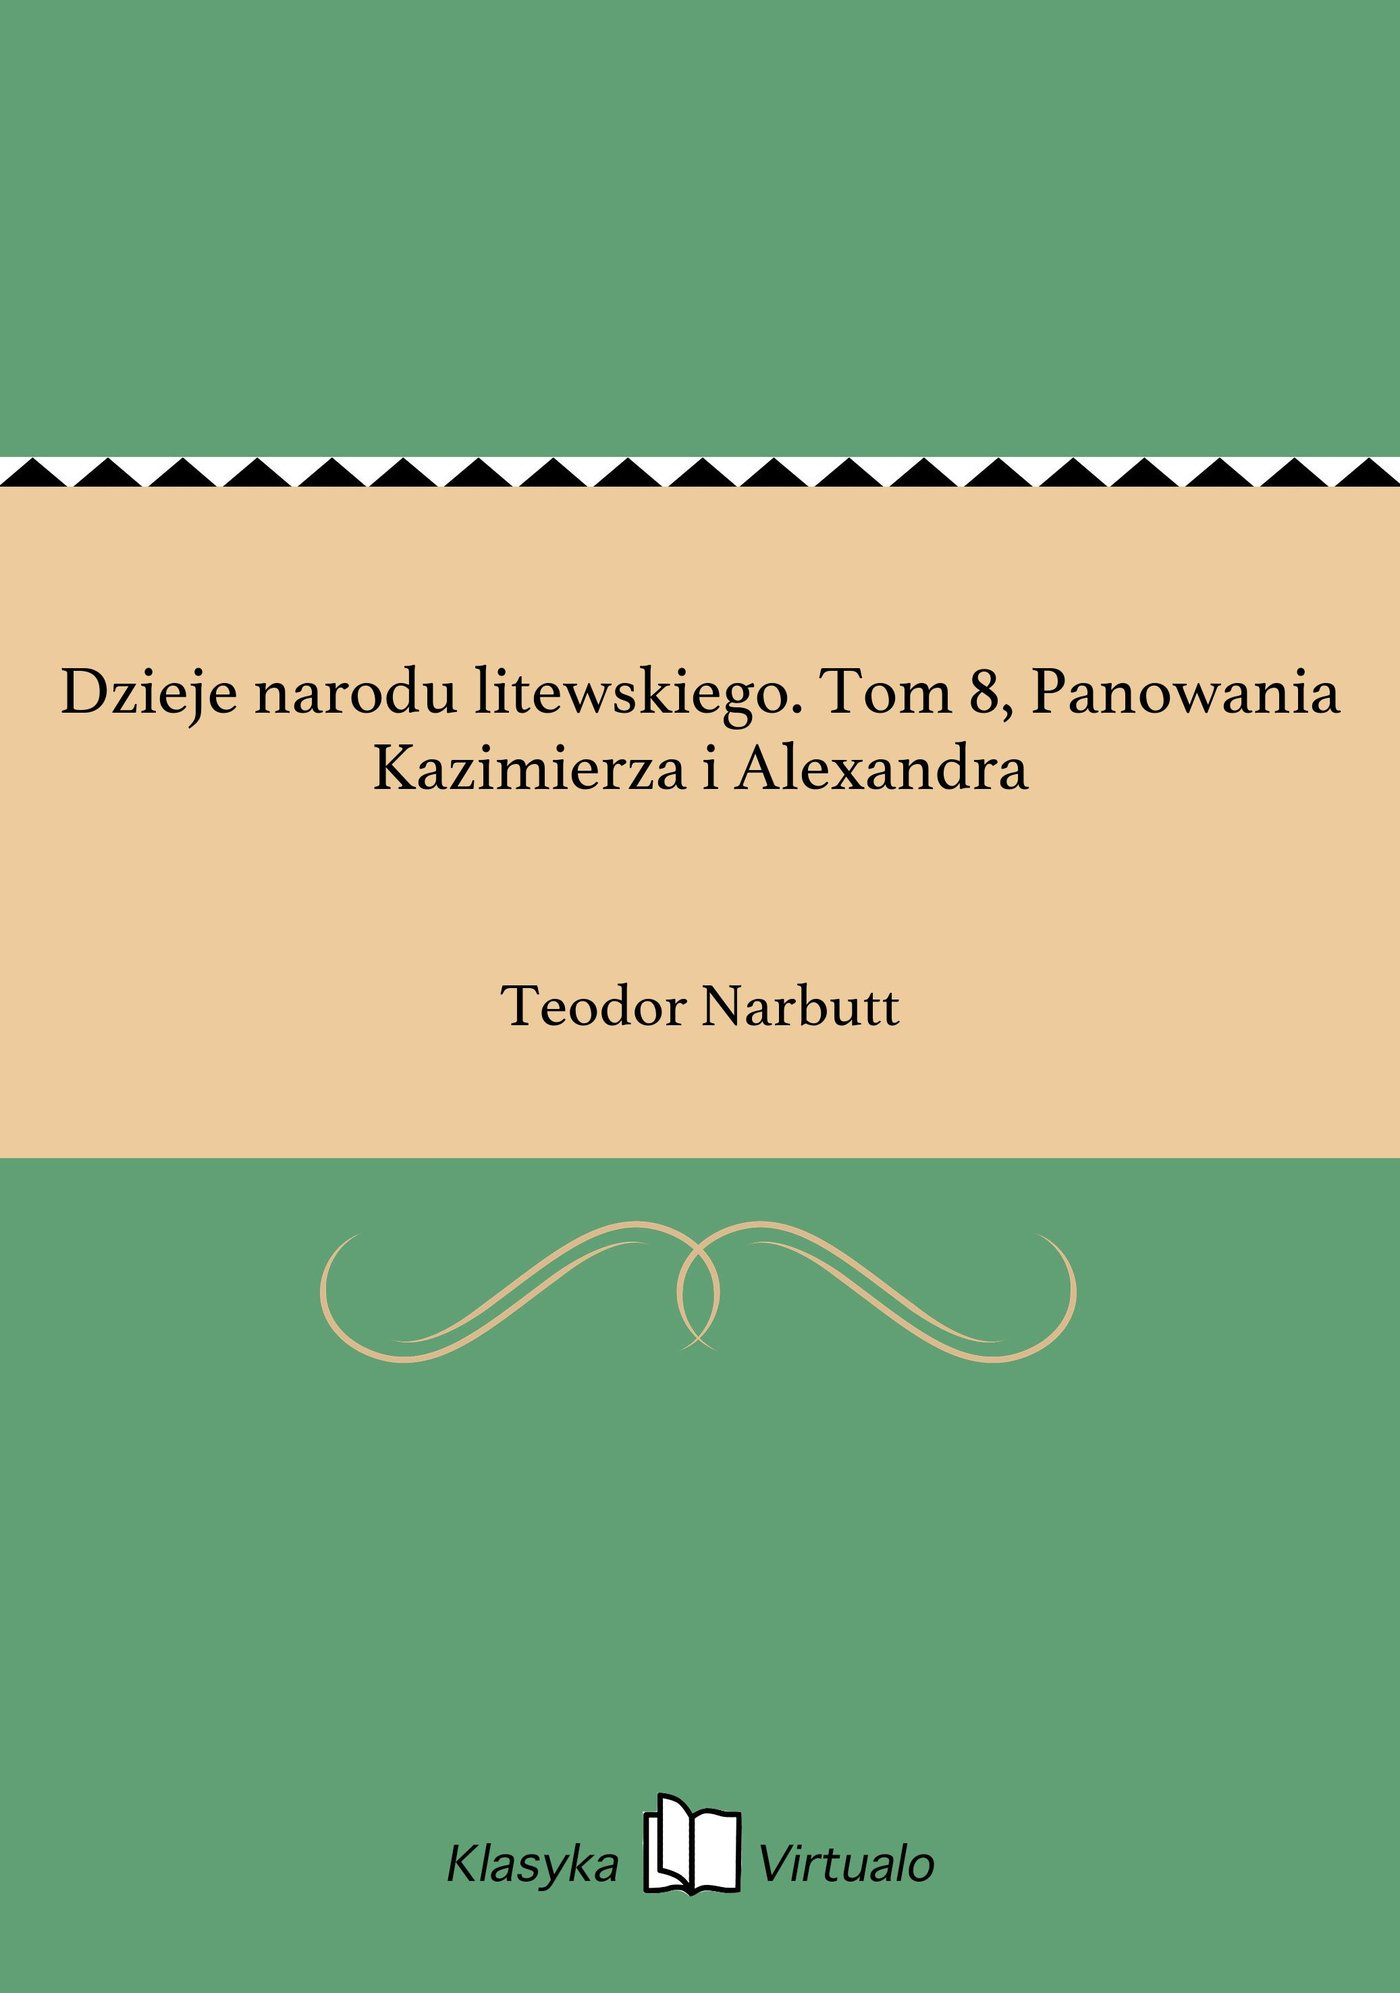 Dzieje narodu litewskiego. Tom 8, Panowania Kazimierza i Alexandra - Ebook (Książka EPUB) do pobrania w formacie EPUB